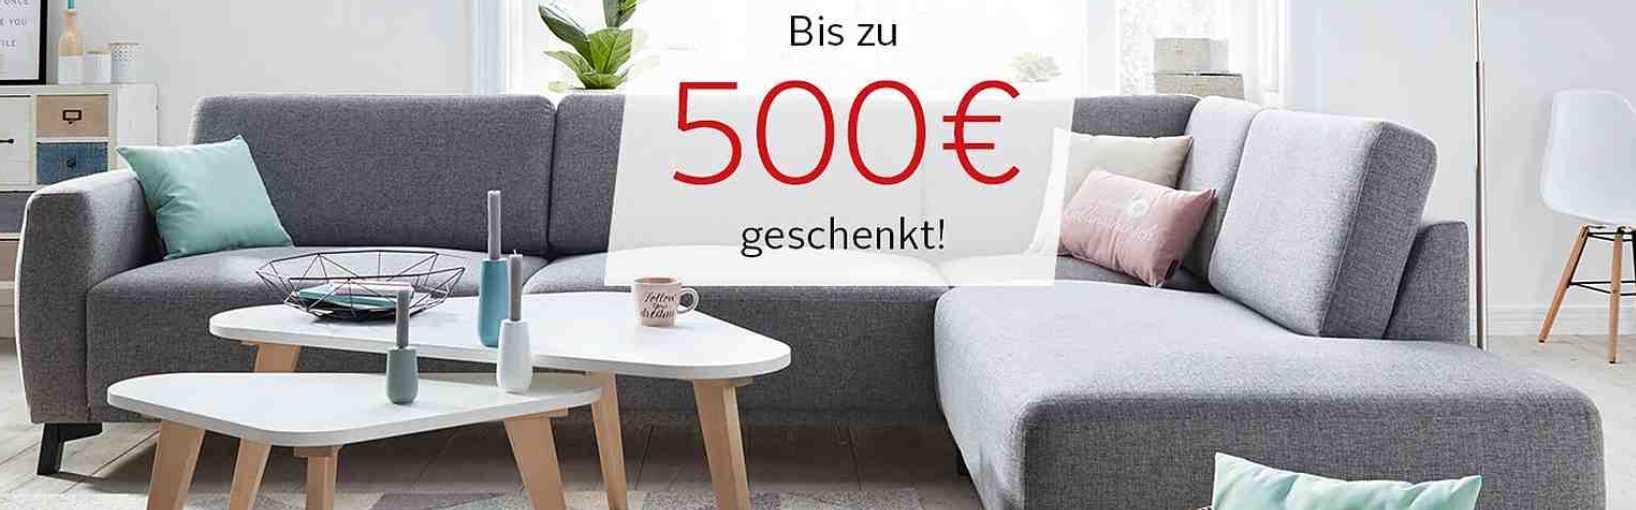 wohnwochen bei otto gutschein bis 500 m glich. Black Bedroom Furniture Sets. Home Design Ideas